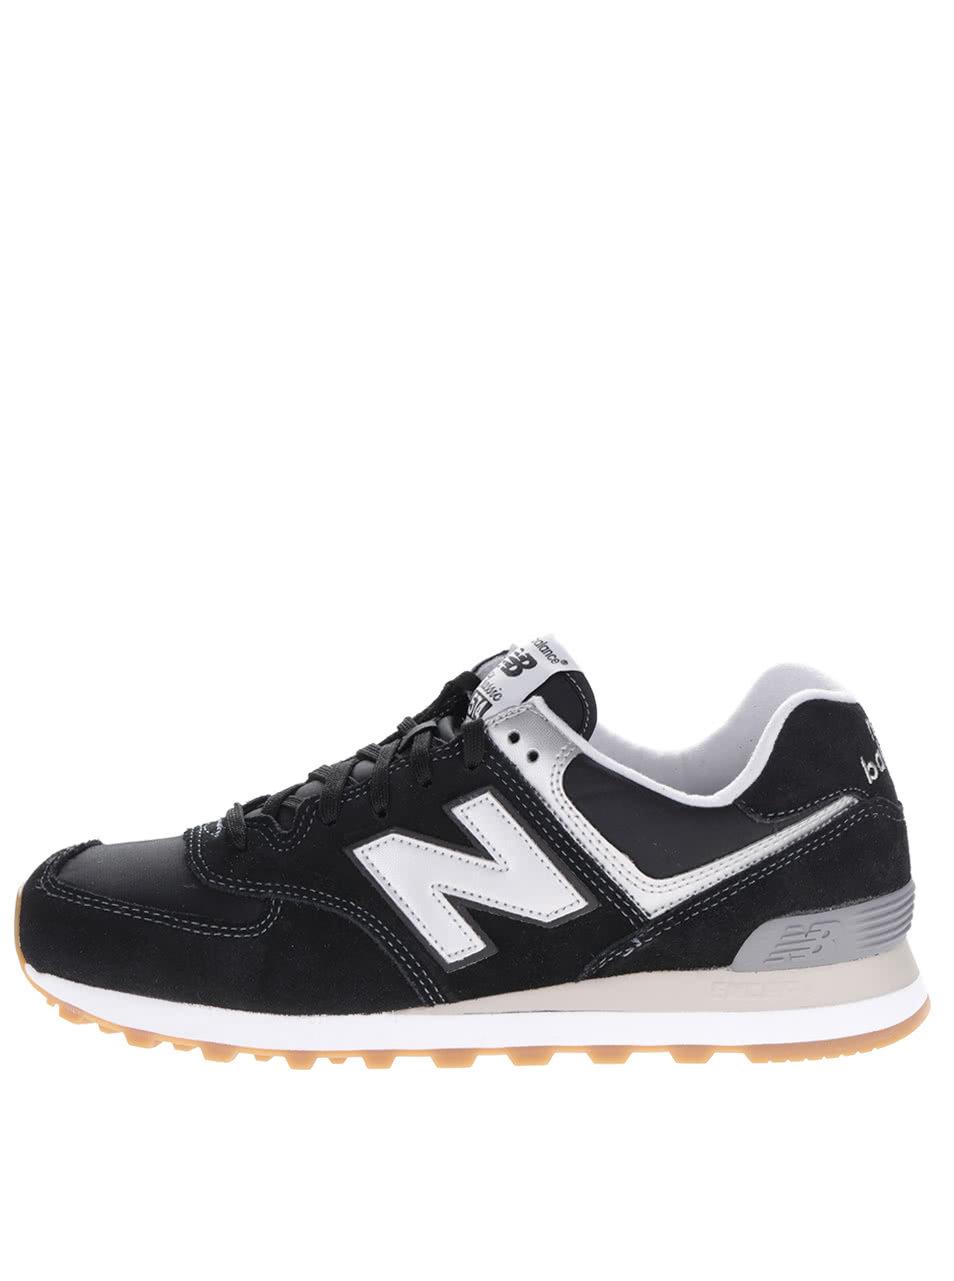 Černé pánské semišové tenisky New Balance ... bbf4f742f9f